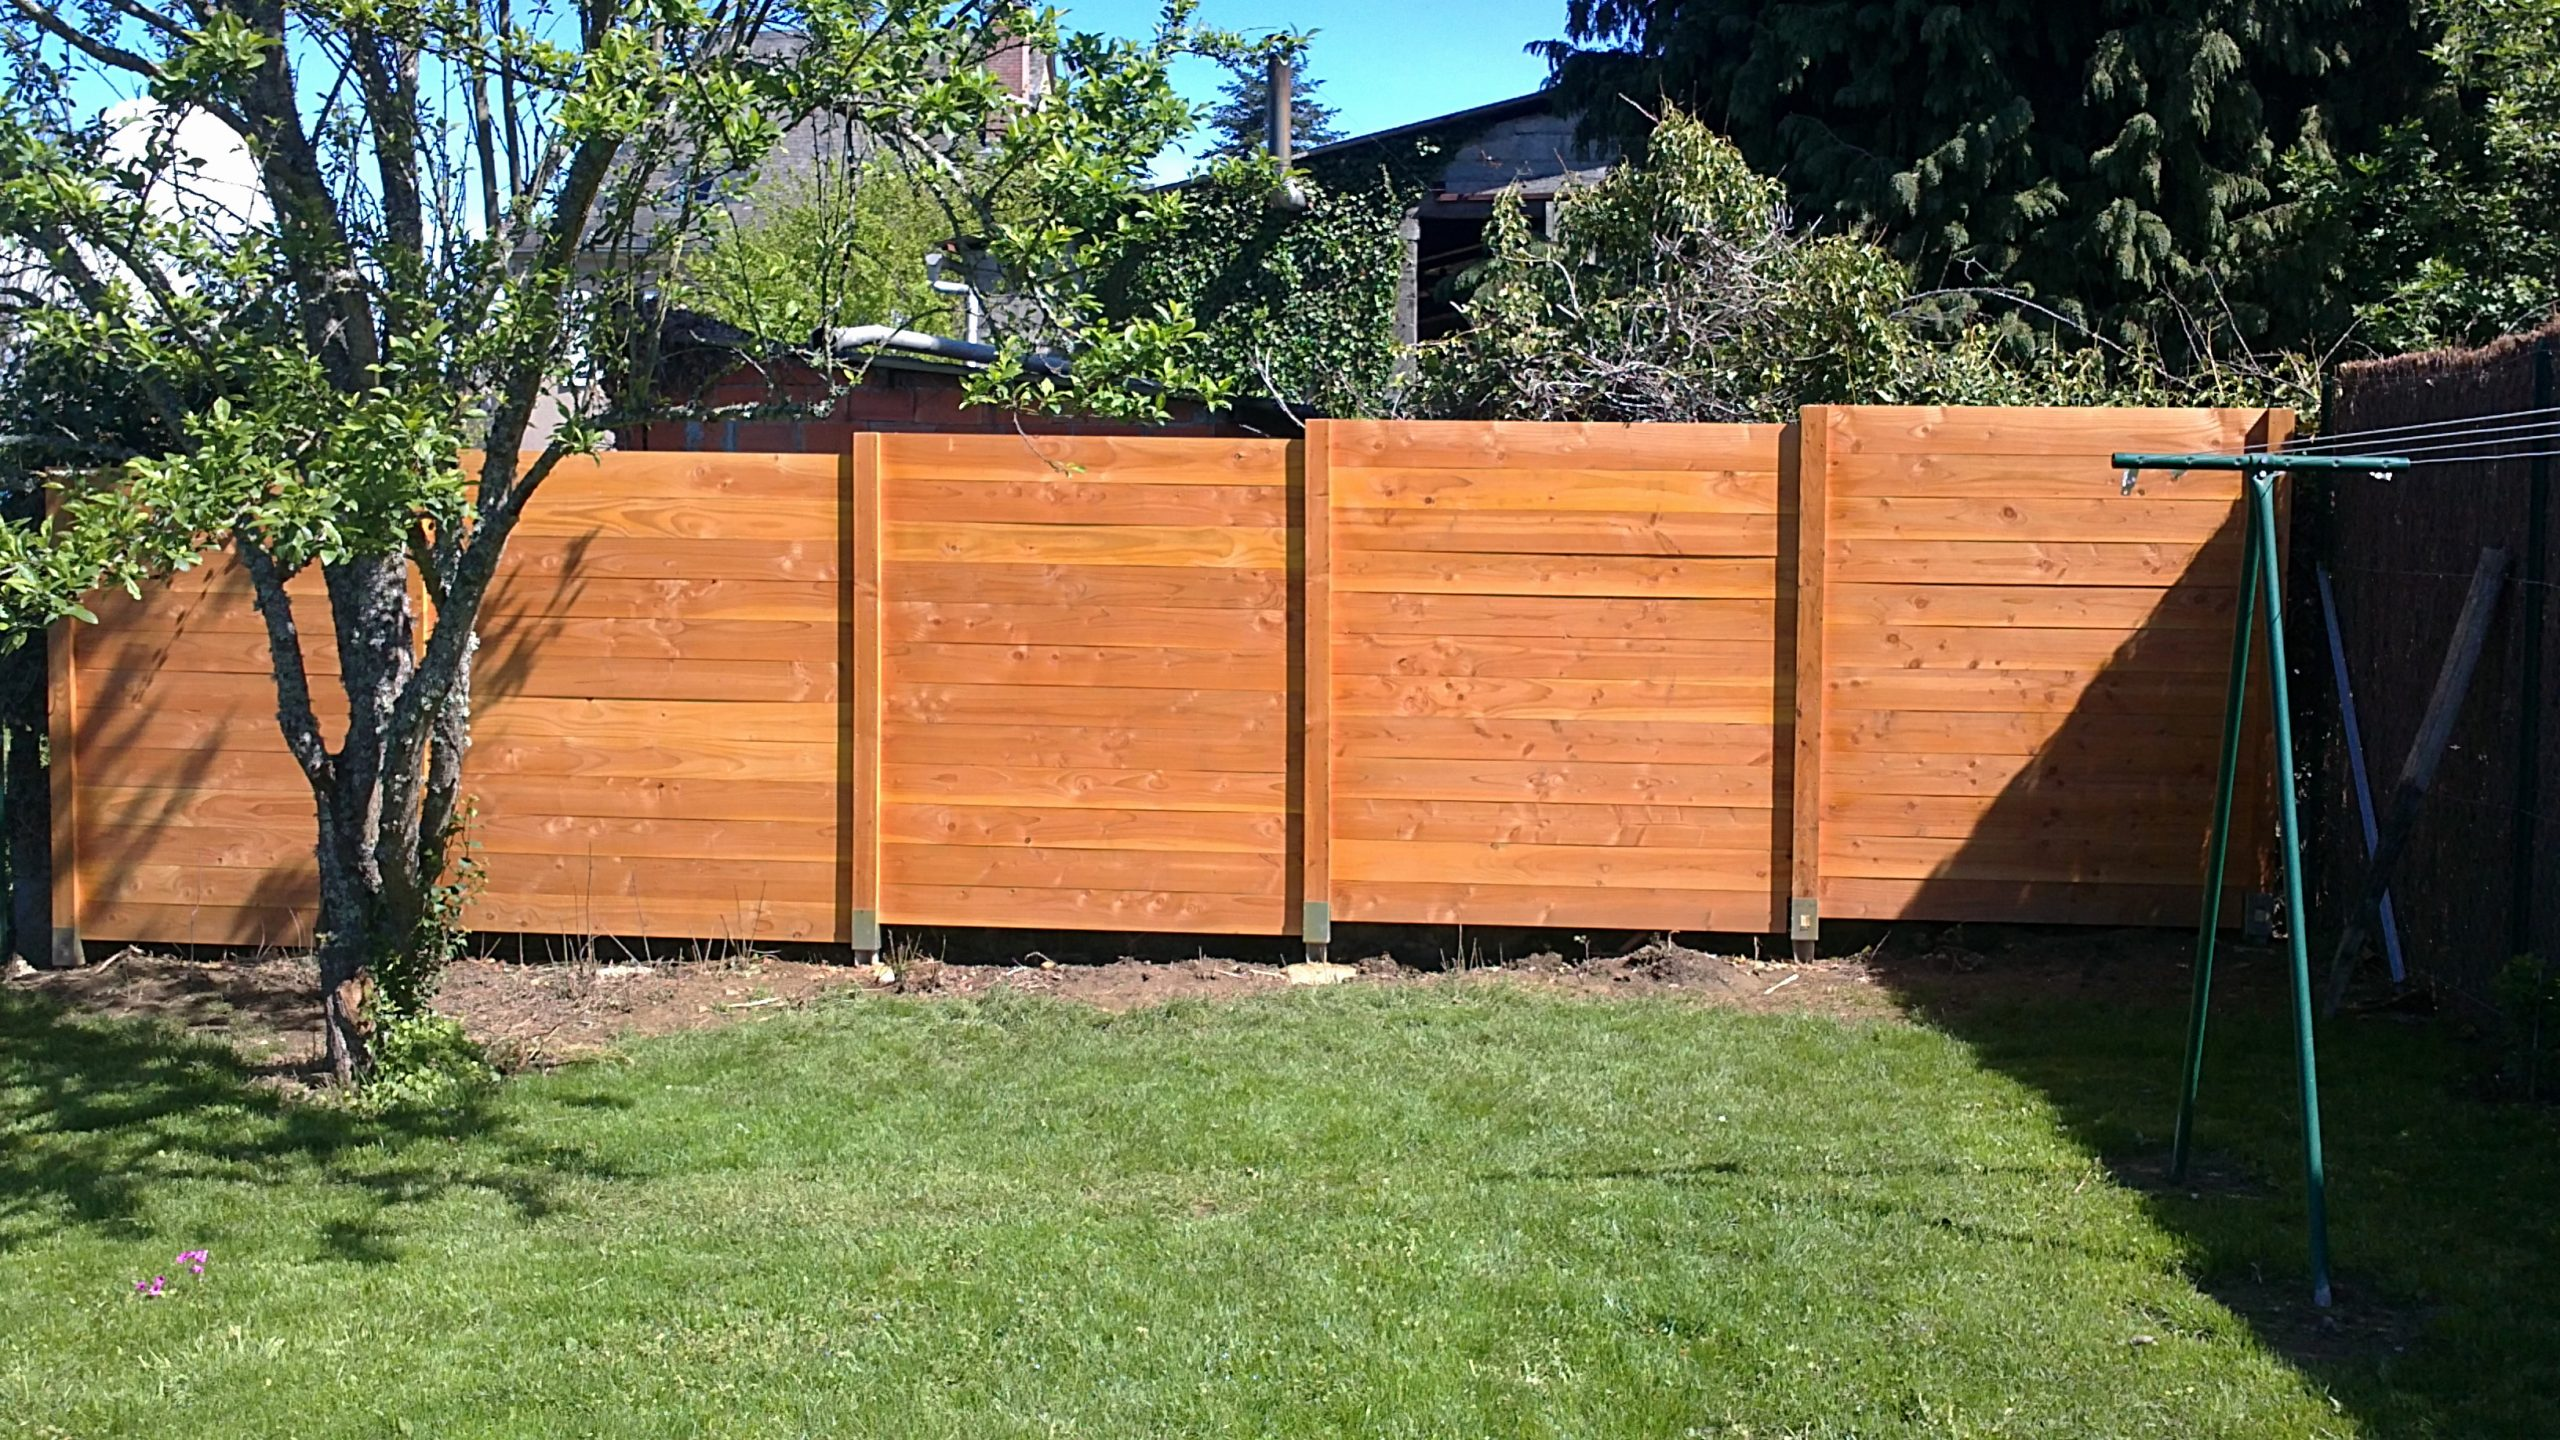 Panneau Bois Cloture Pas Cher Luxe Panneaux De Jardin Pour ... dedans Panneaux Occultants Pour Jardin